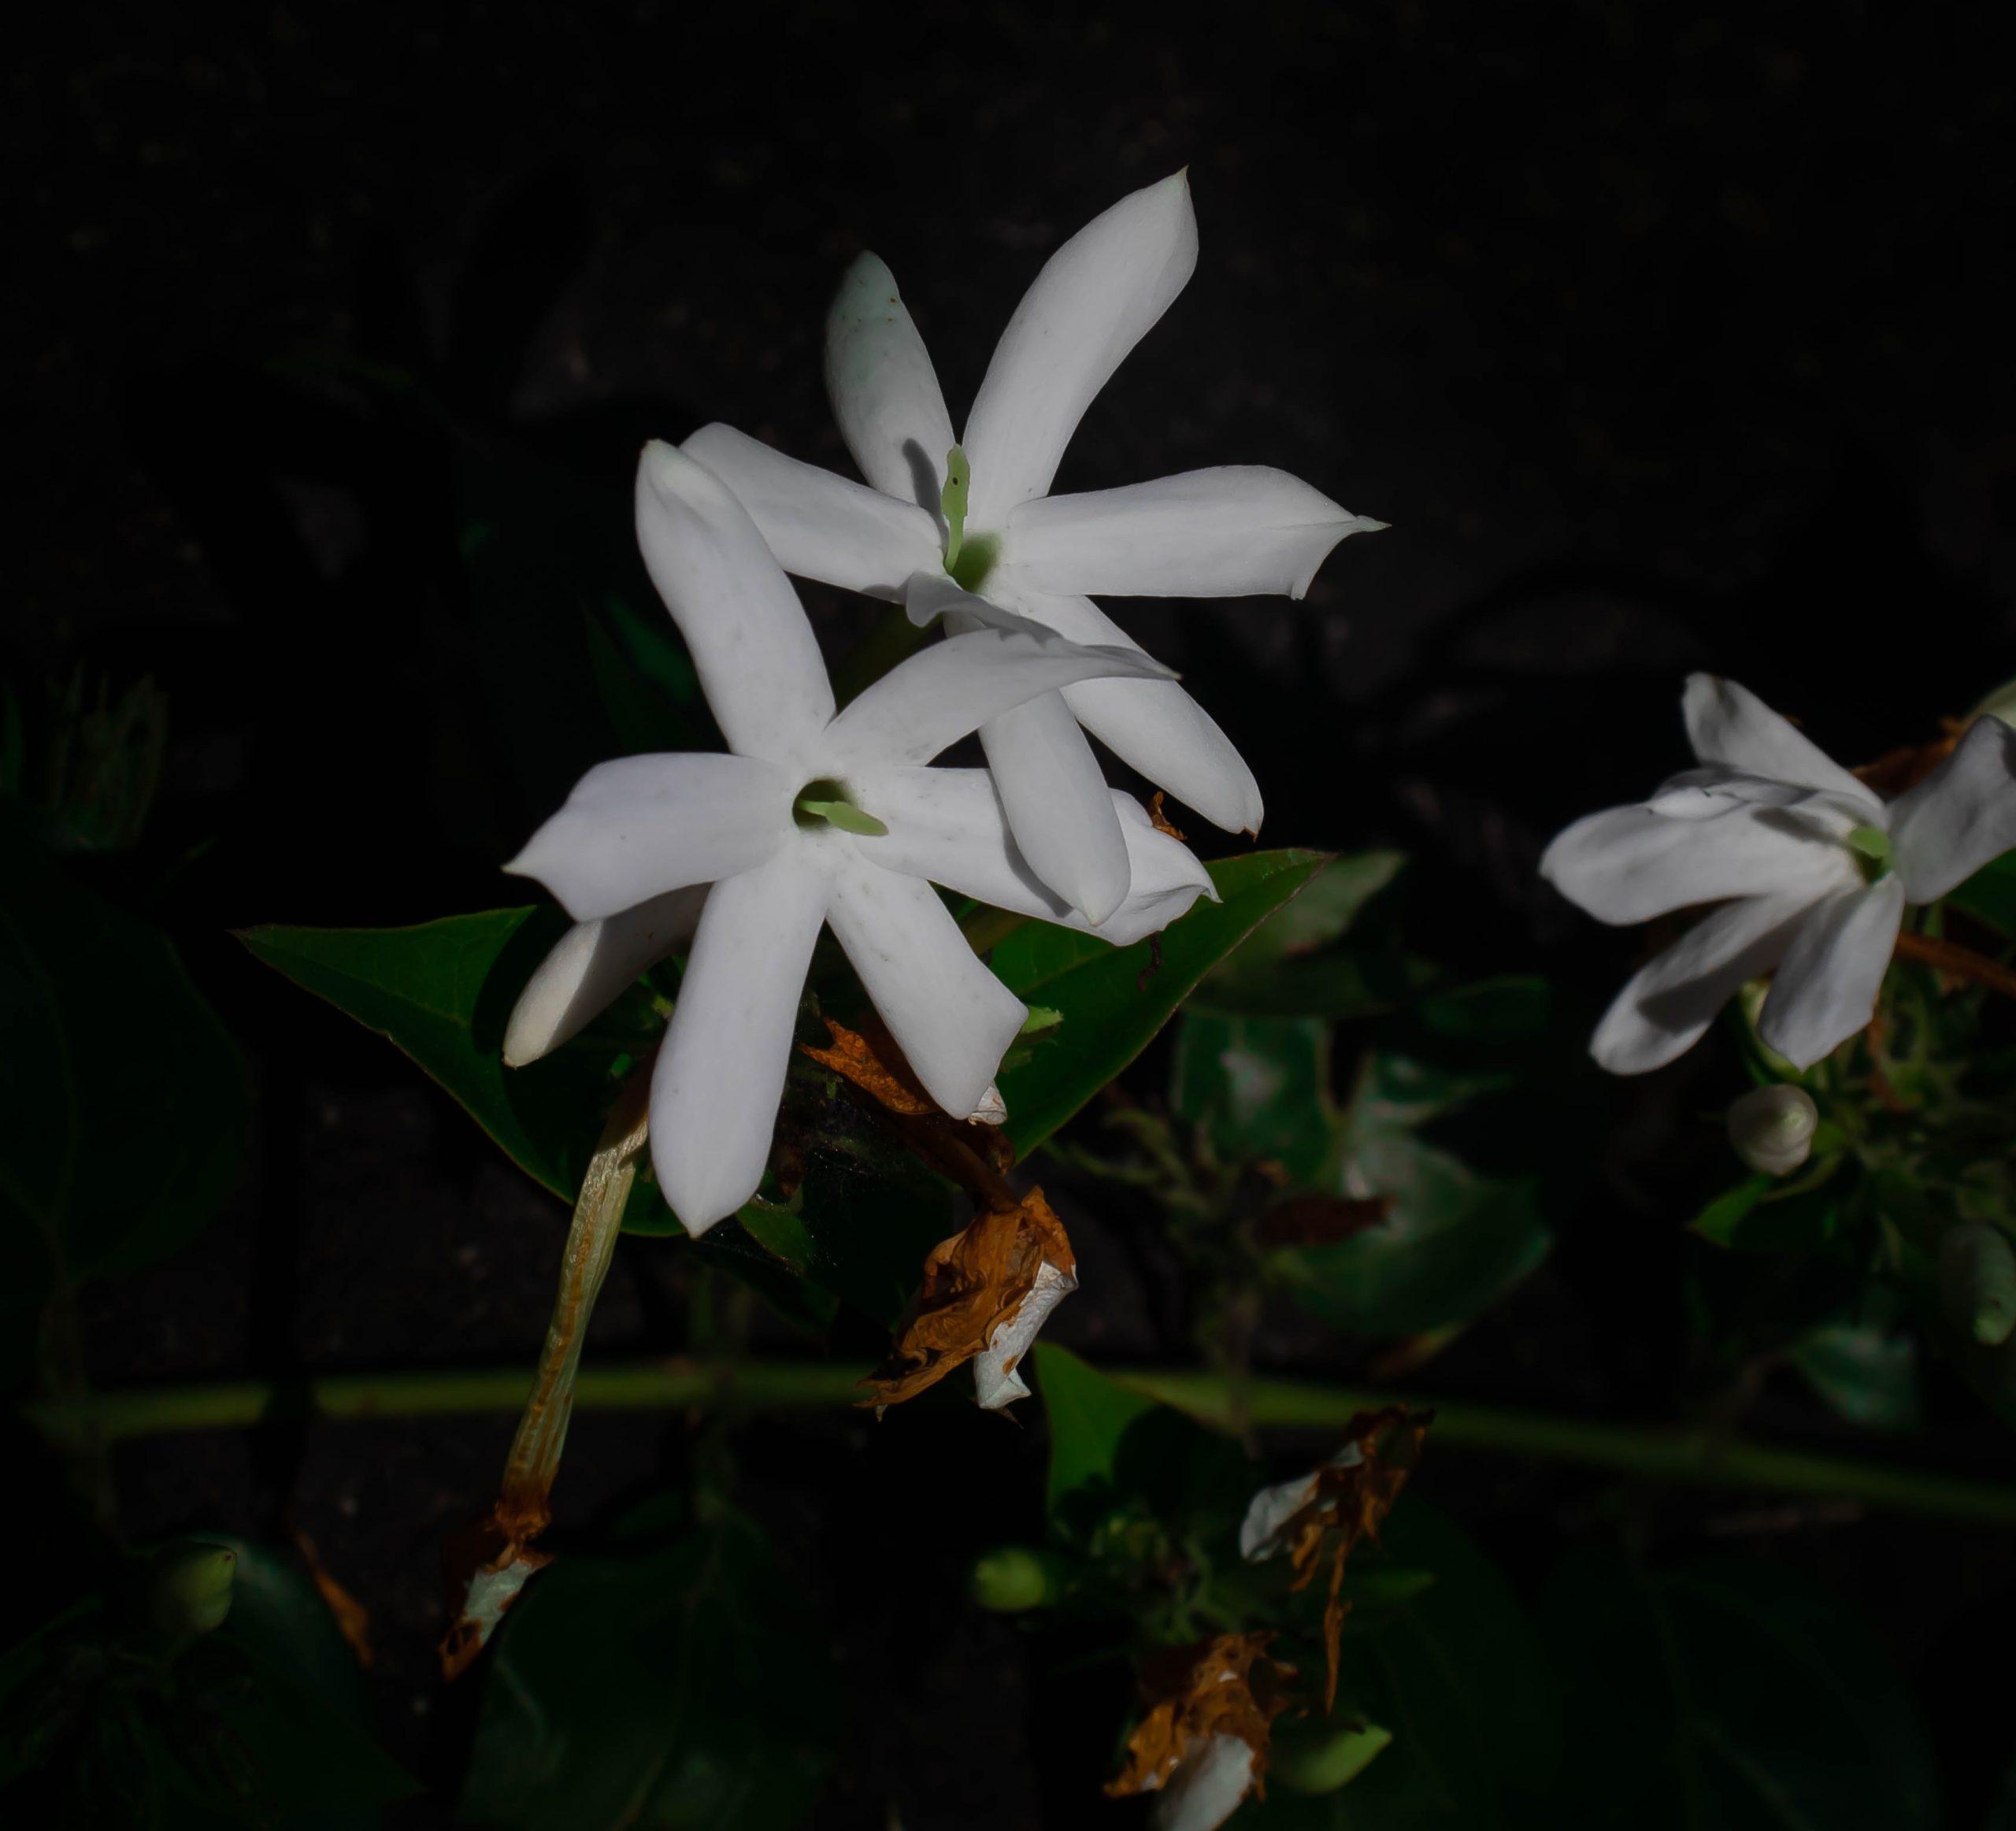 White flower in darkness